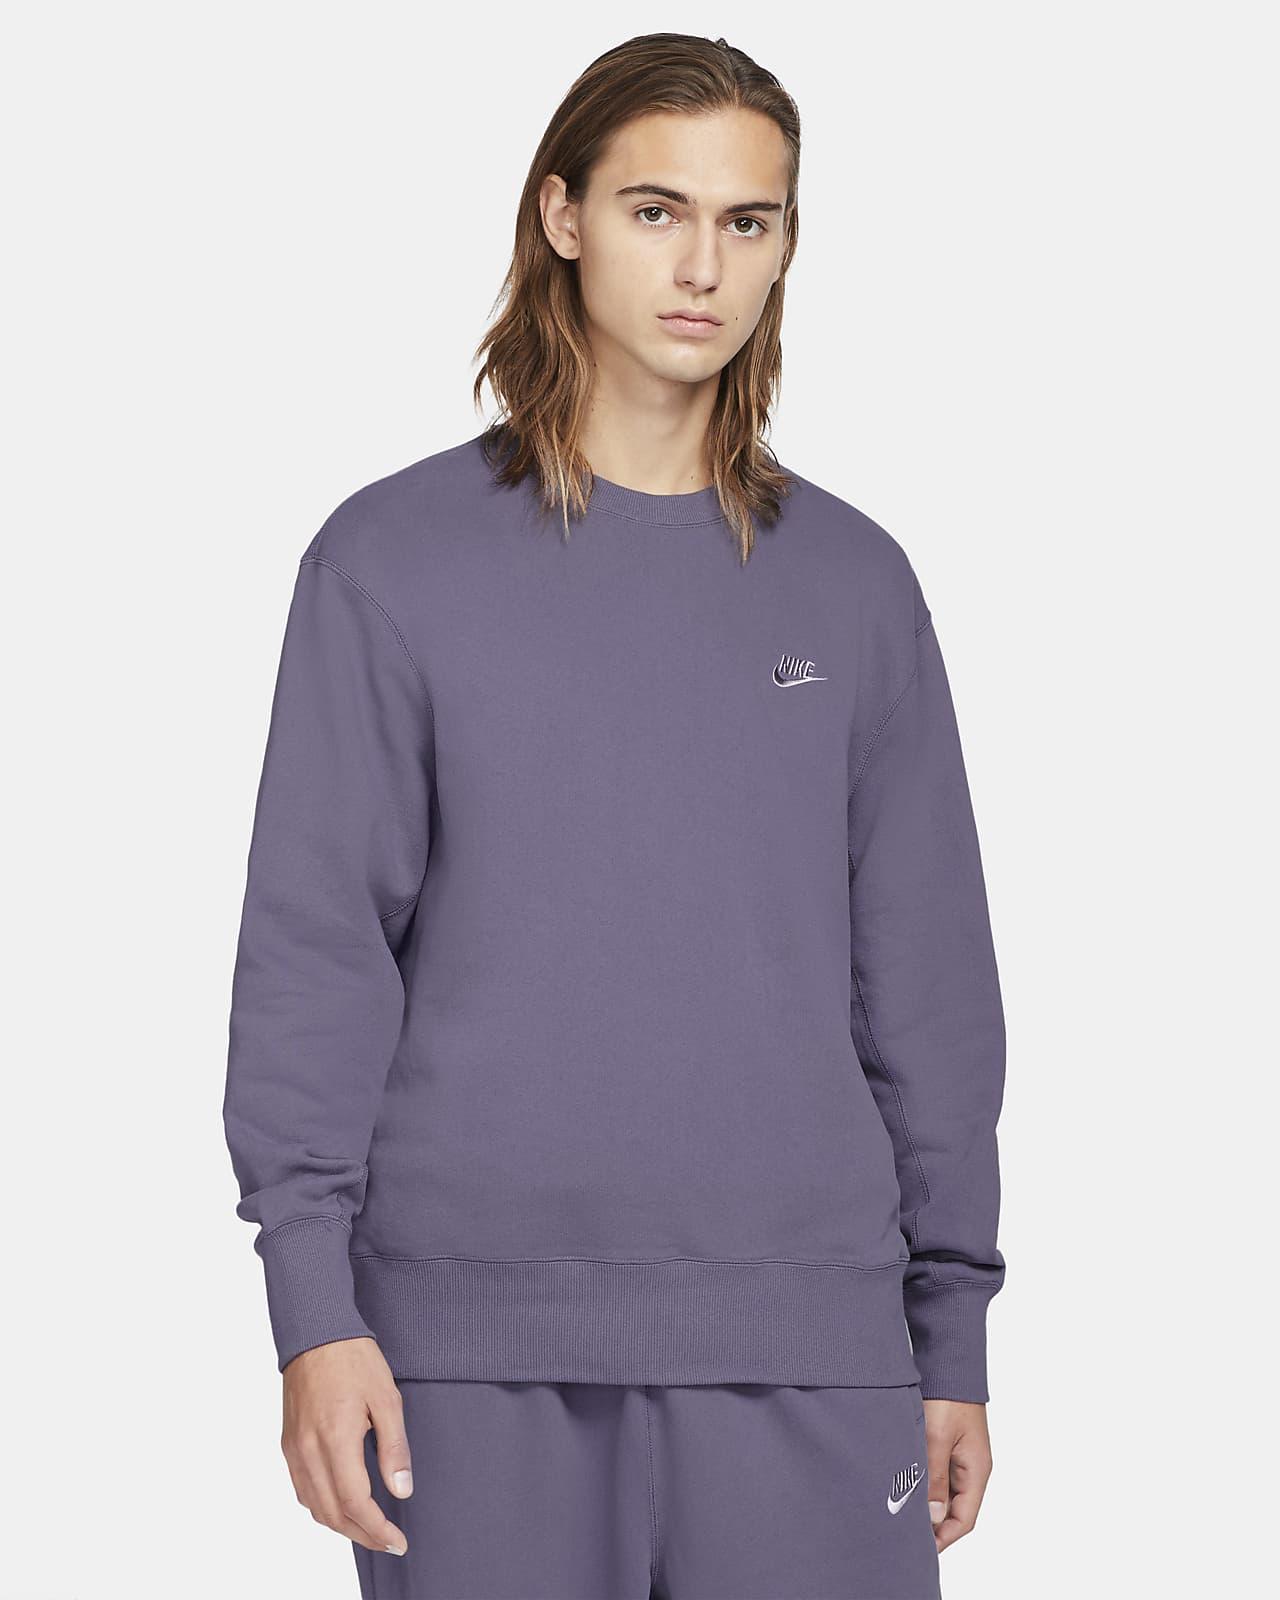 Nike Sportswear Men's Classic Fleece Crew